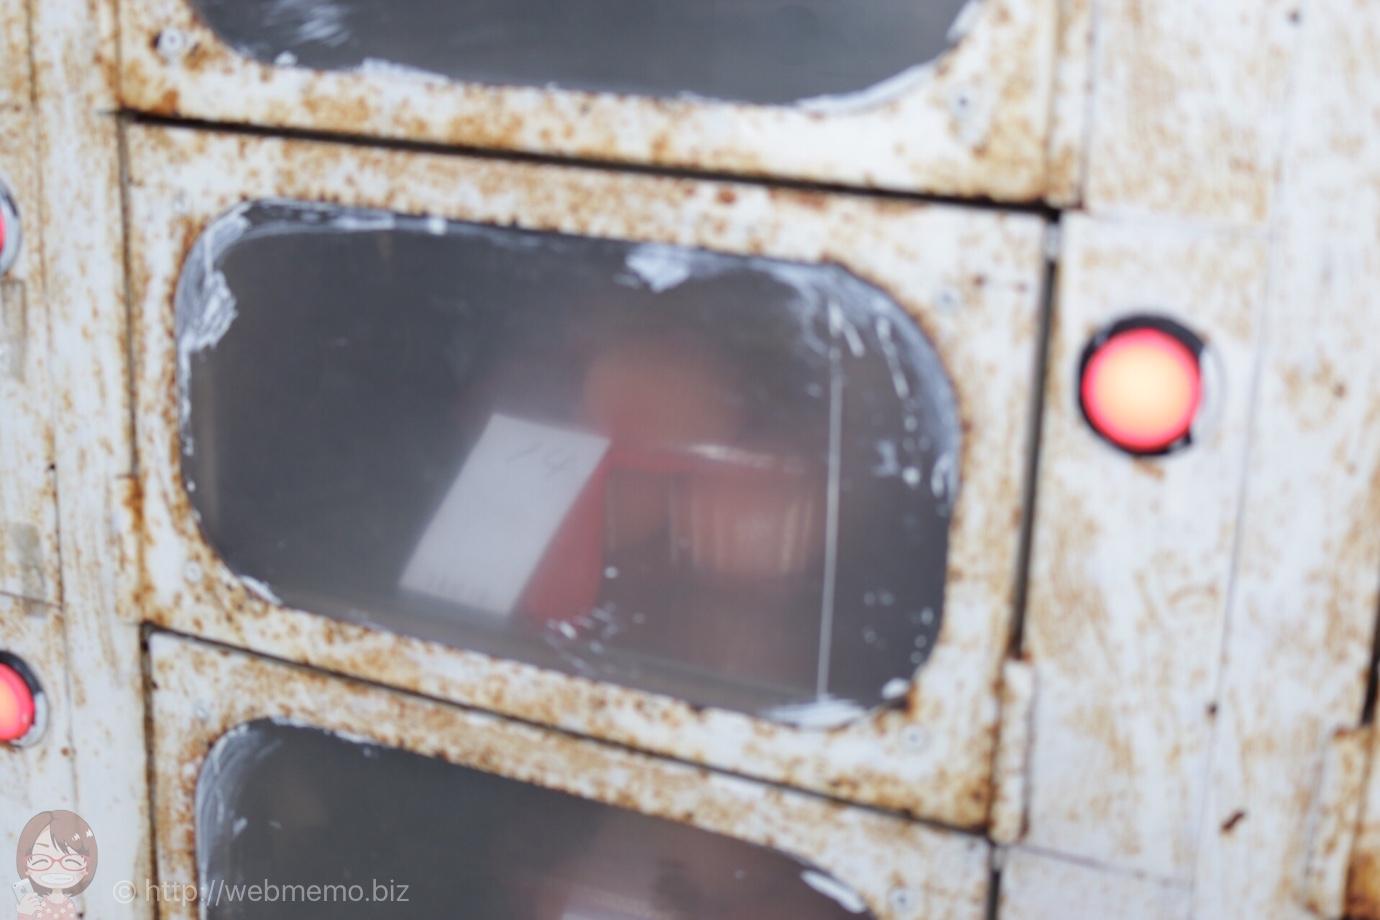 たまごの自販機 ボタン